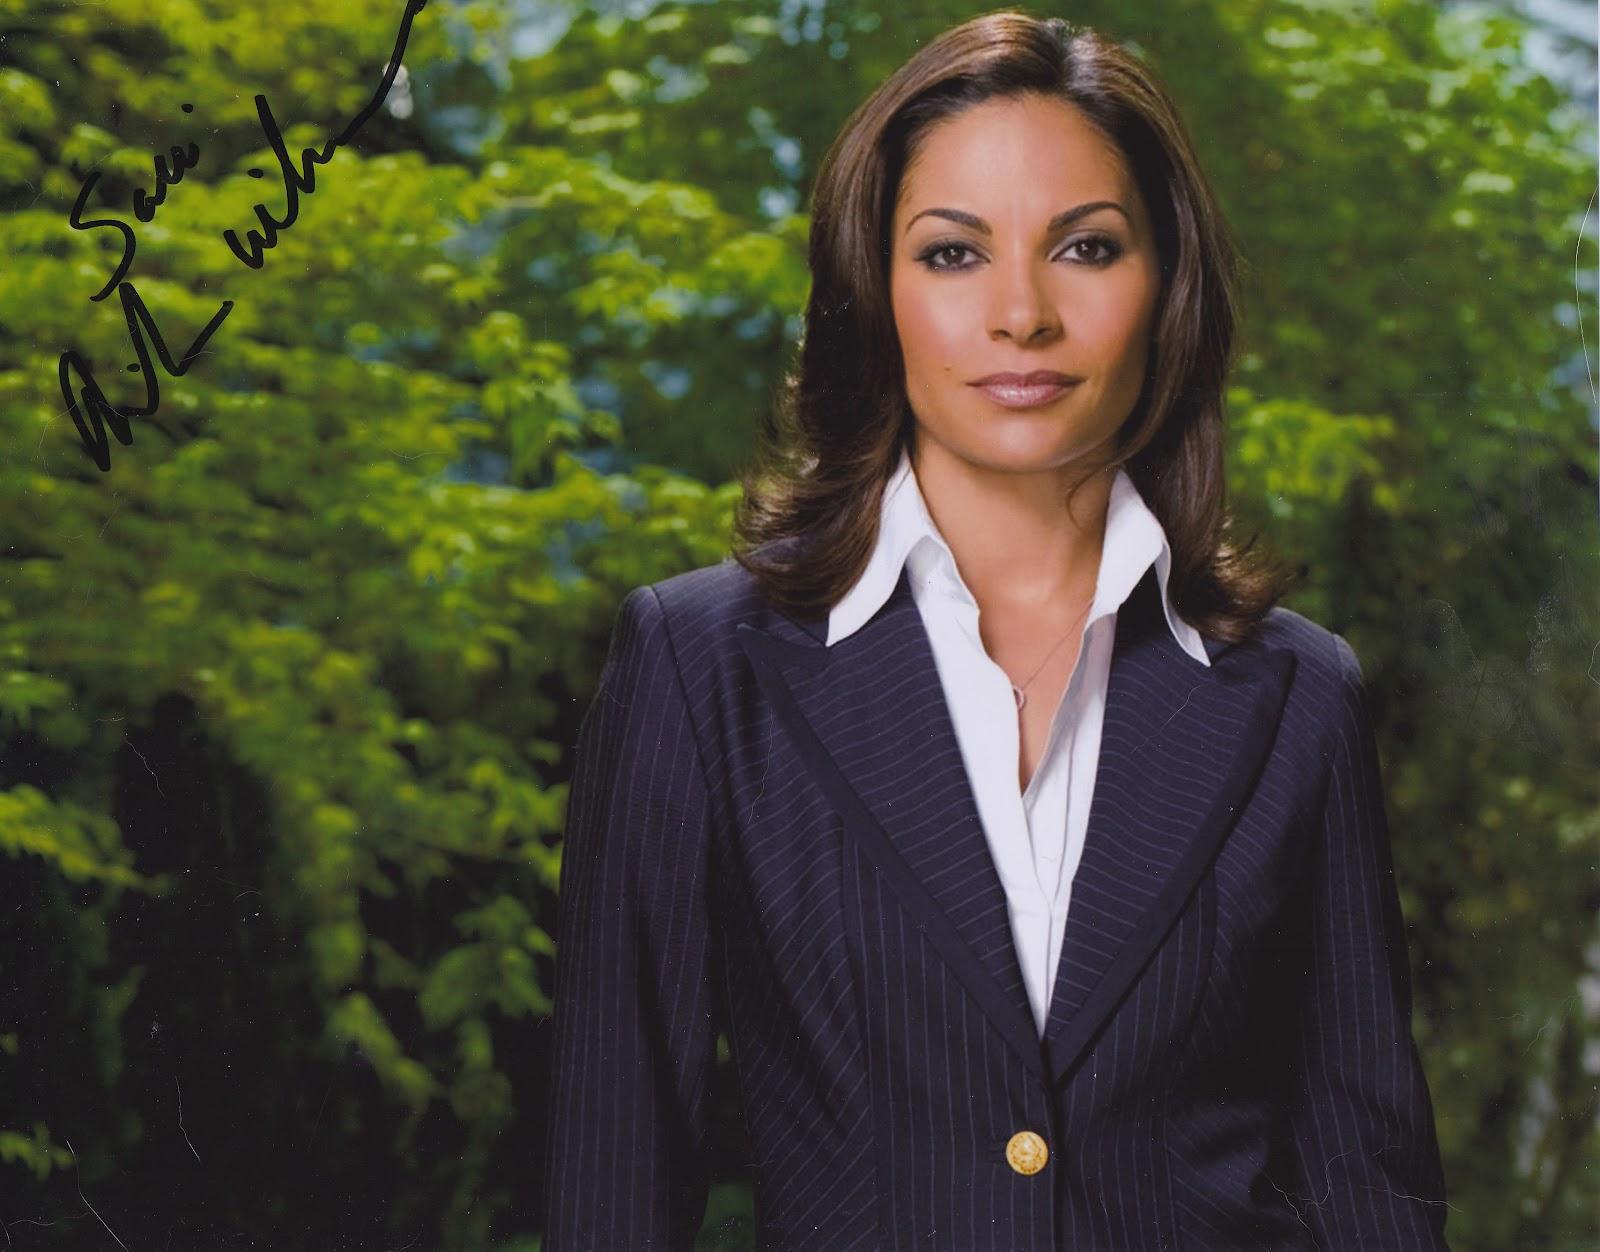 Pearl Eaton,Ashley Slanina-Davies (born 1989) Hot image Kat Gunn,Robin Mattson